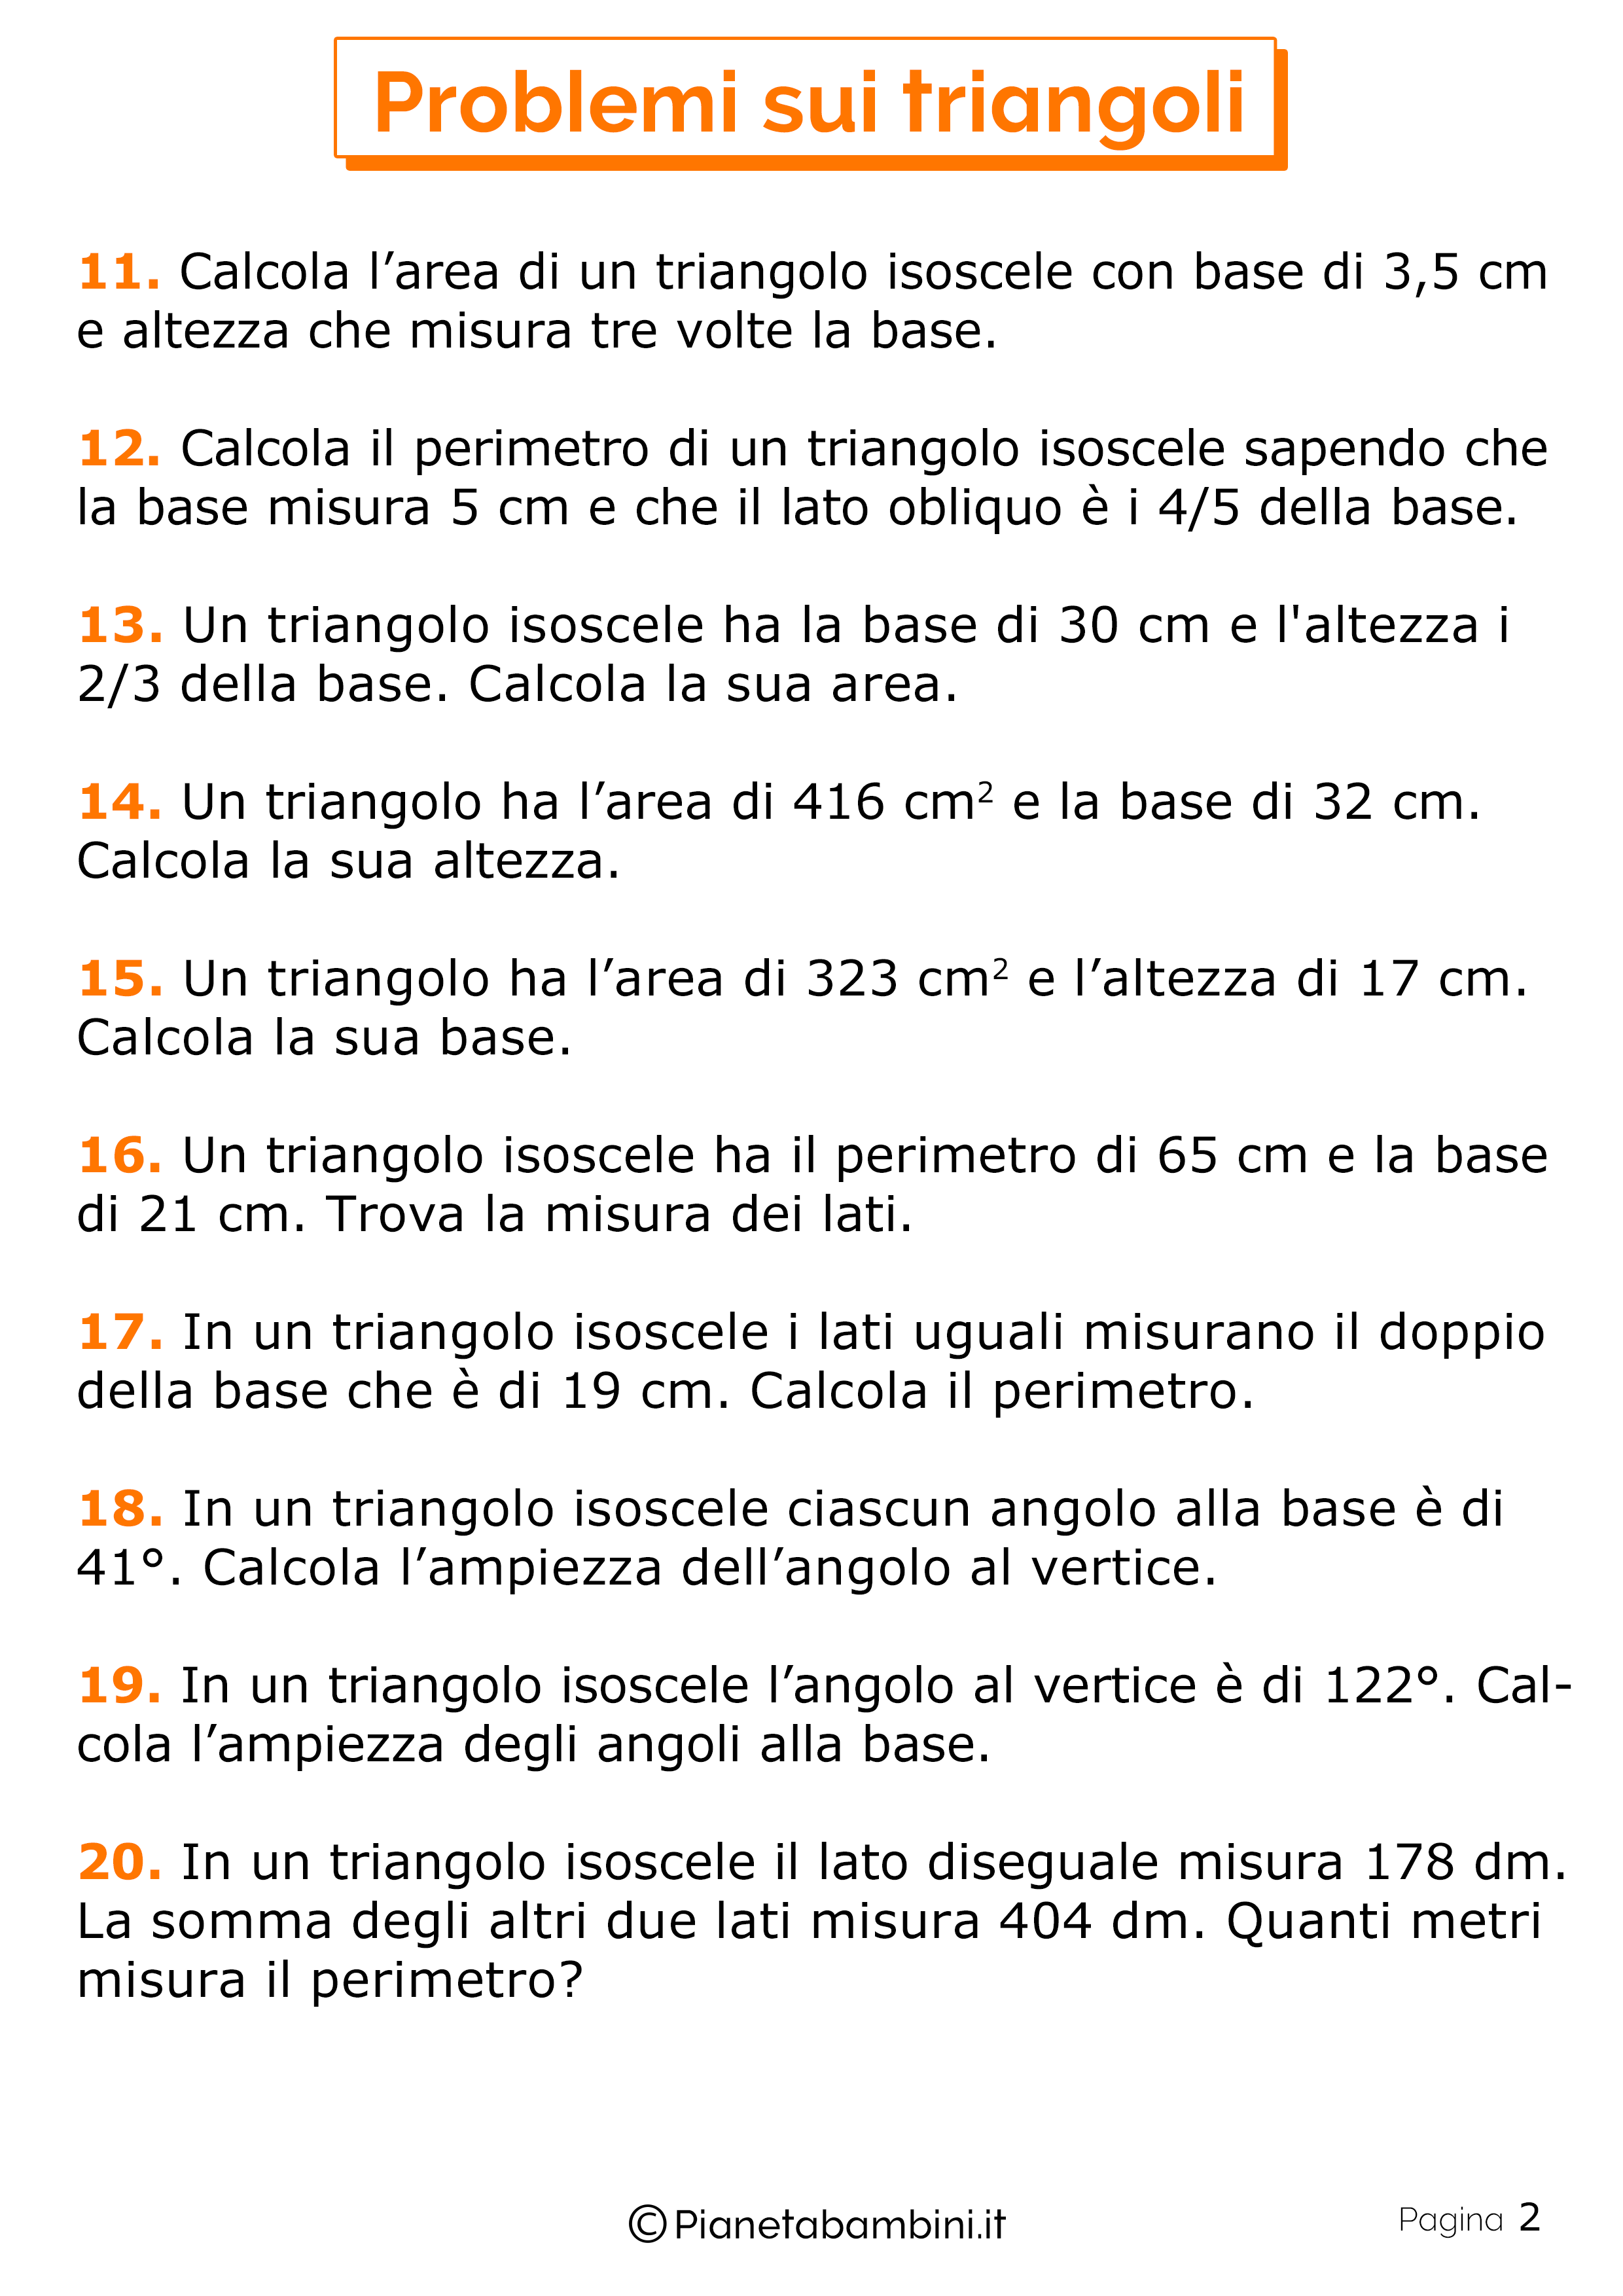 Problemi sui triangoli 2